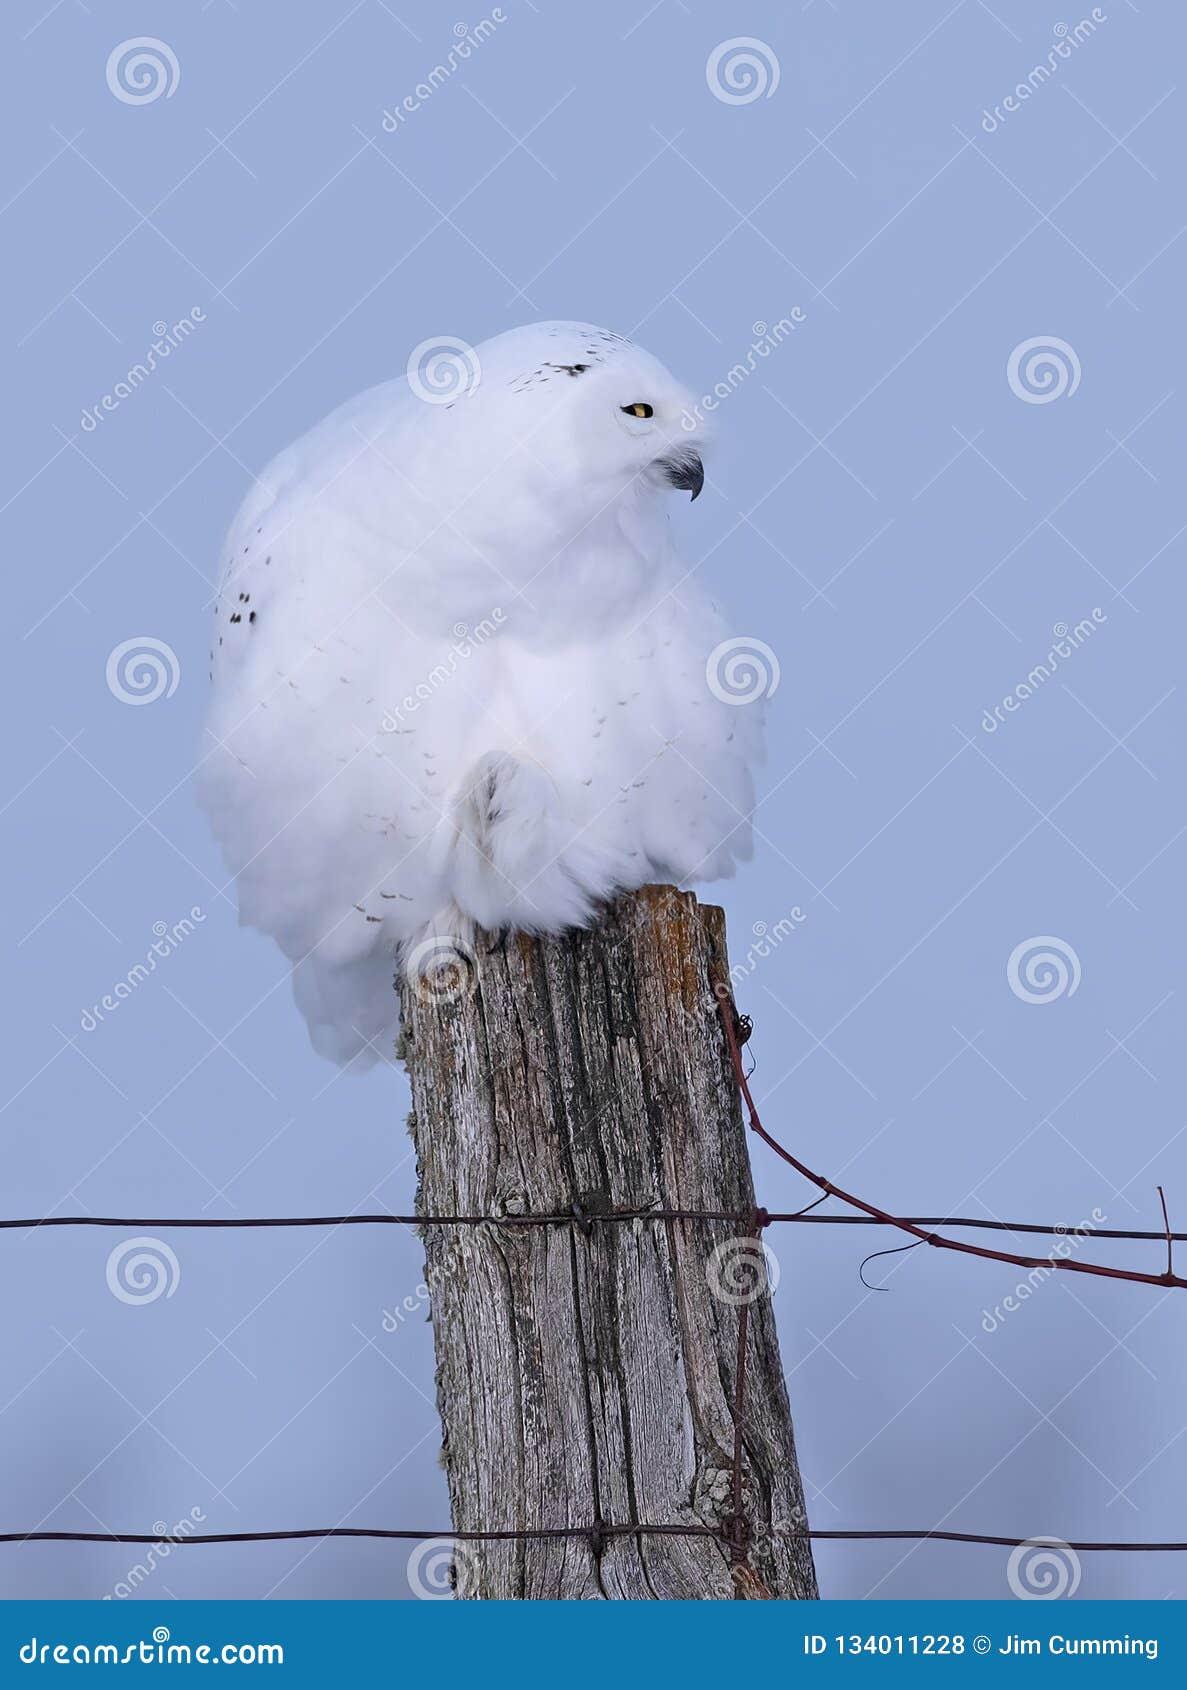 Um close up nevado masculino do scandiacus do bubão da coruja empoleirado em um cargo de madeira no inverno em Ottawa, Canadá